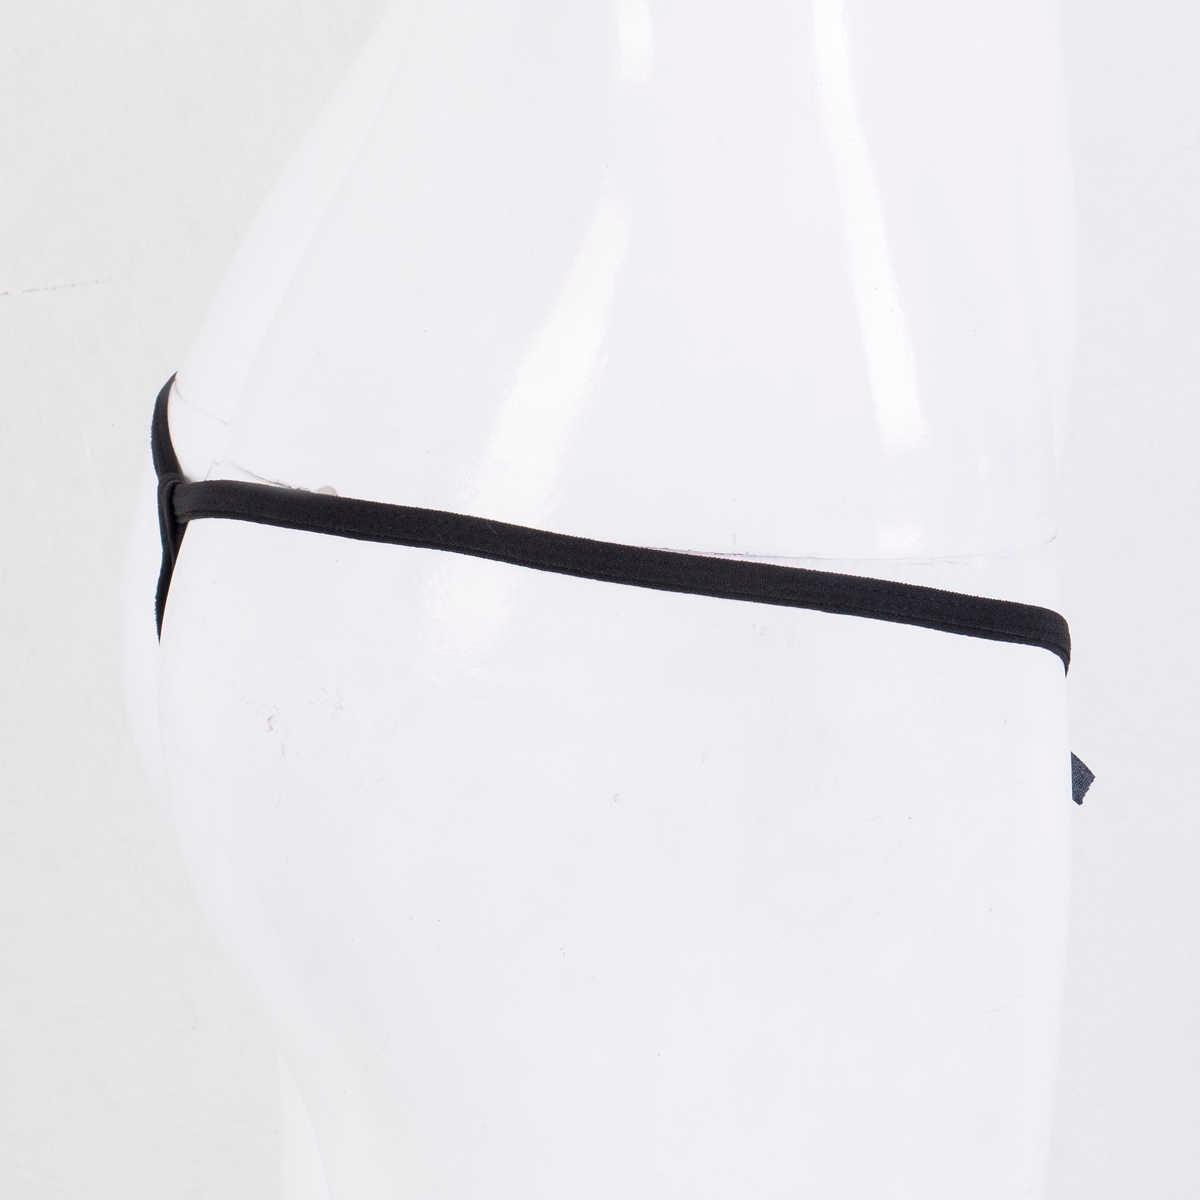 Fashion Wanita Seksi Renda Bunga Celana Pakaian Dalam Seksi Knicker G-string Thong Celana Dalam Pakaian Dalam Wanita Seksi Seksi Erotis Solid Celana Dalam Hitam